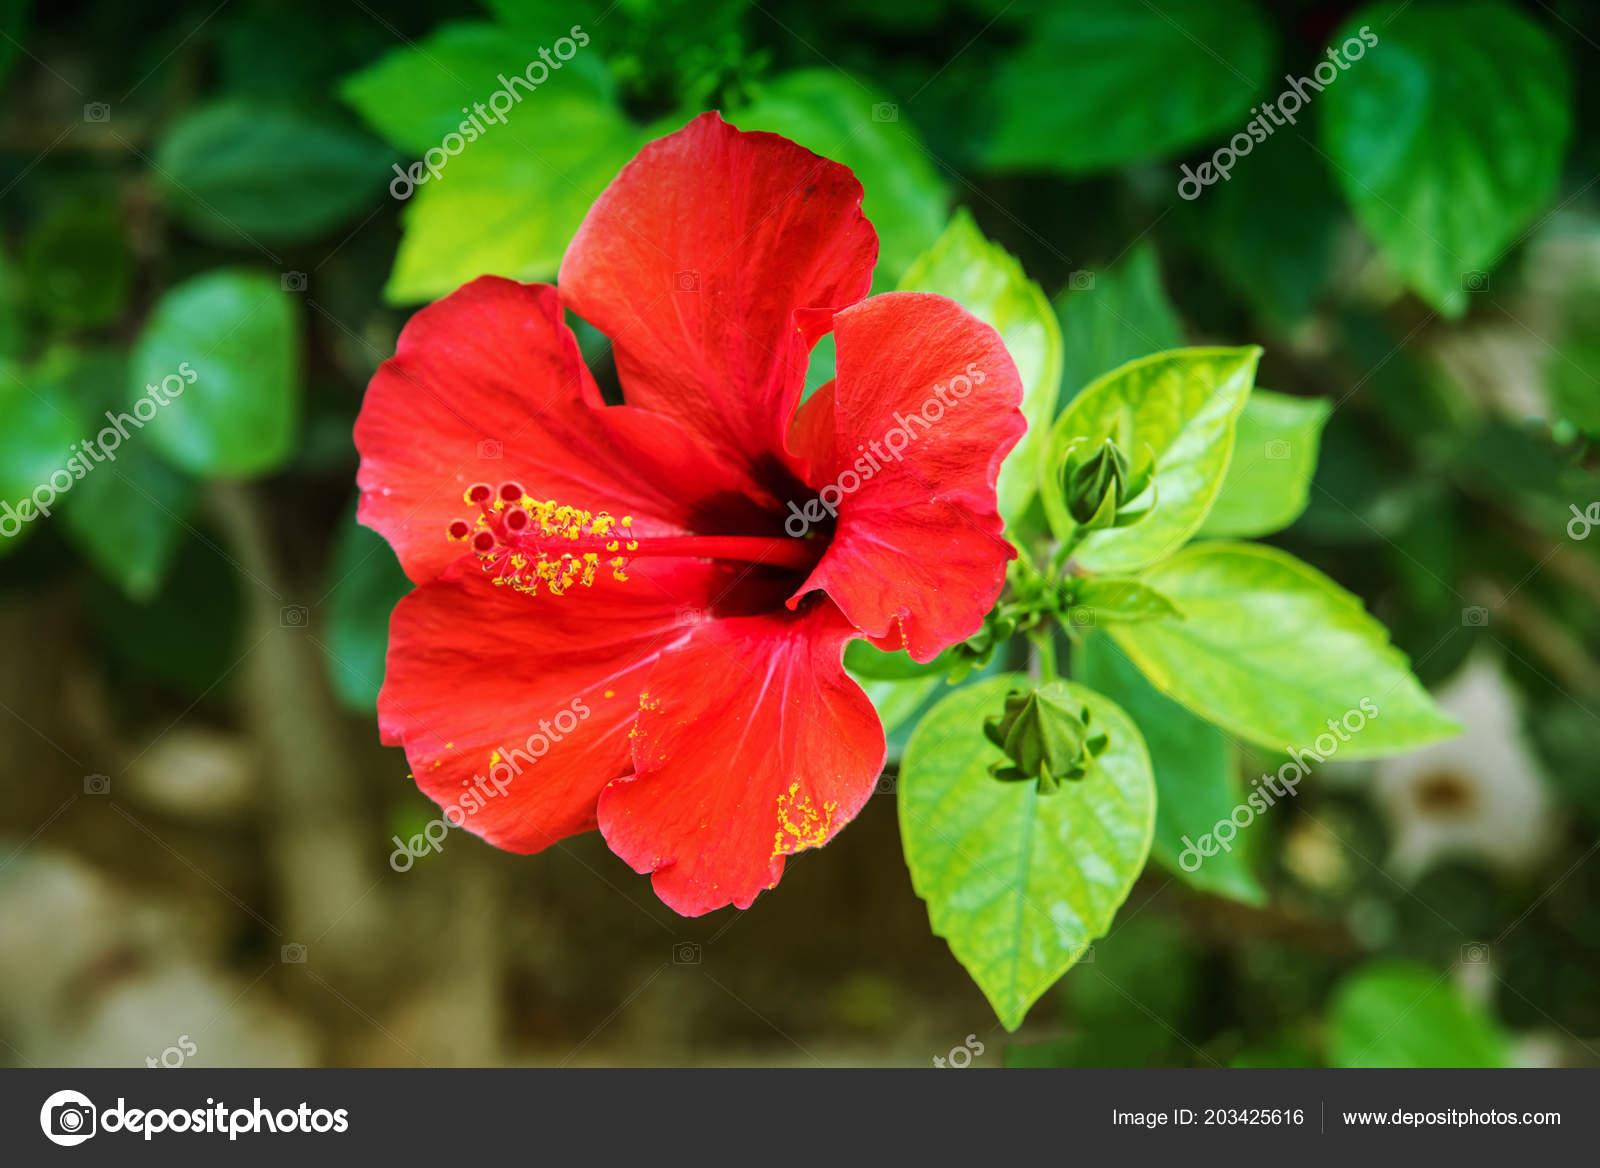 Red Hibiscus Flower Garden Water Drops Detail Stamen Pistil Green